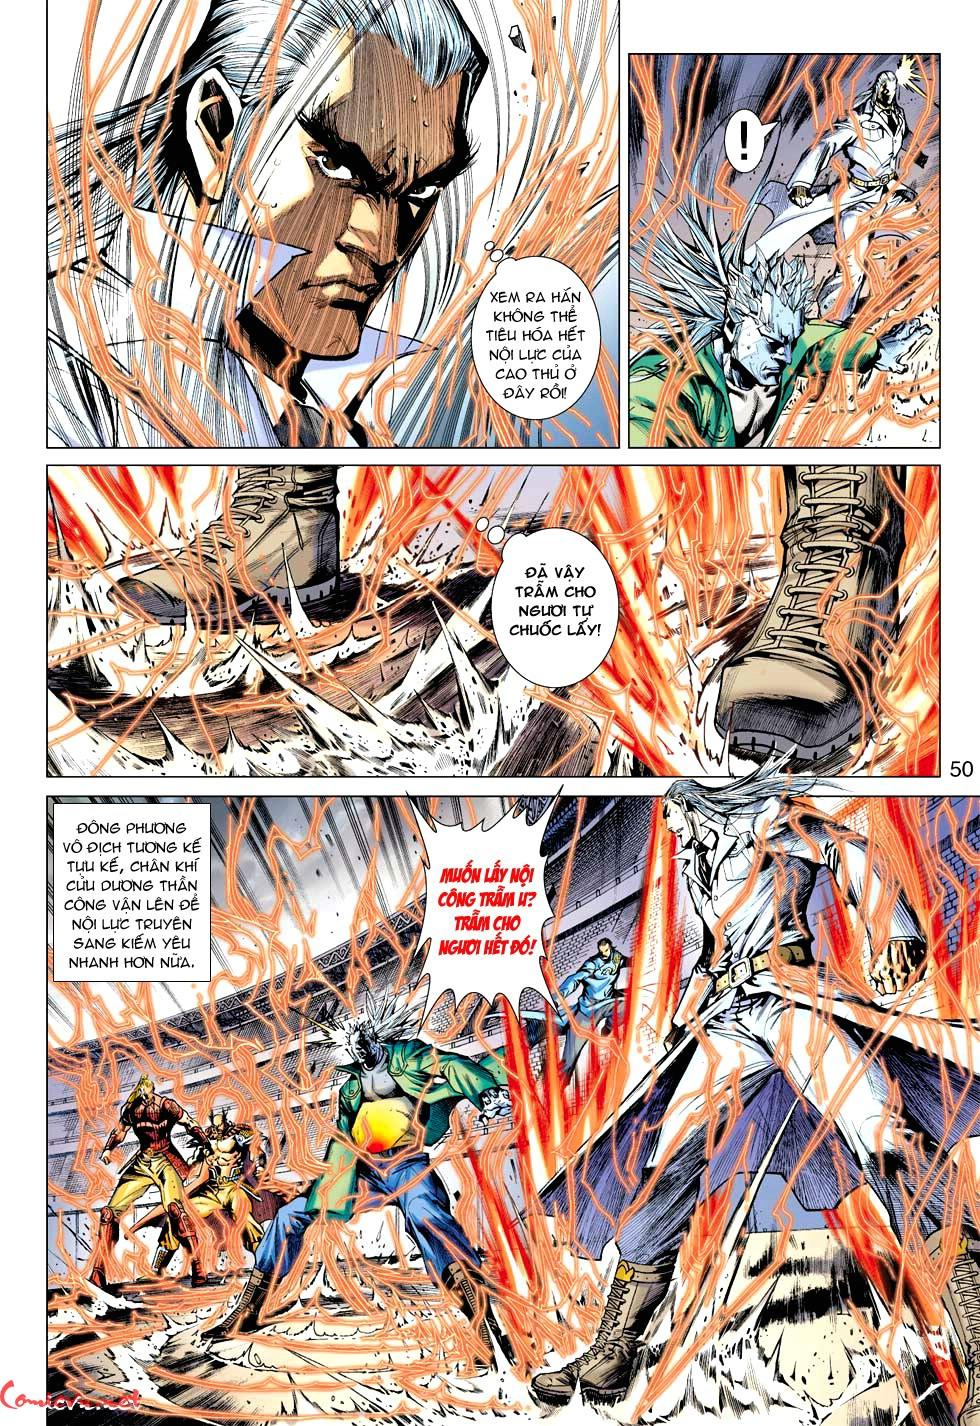 Vương Phong Lôi 1 chap 35 - Trang 8